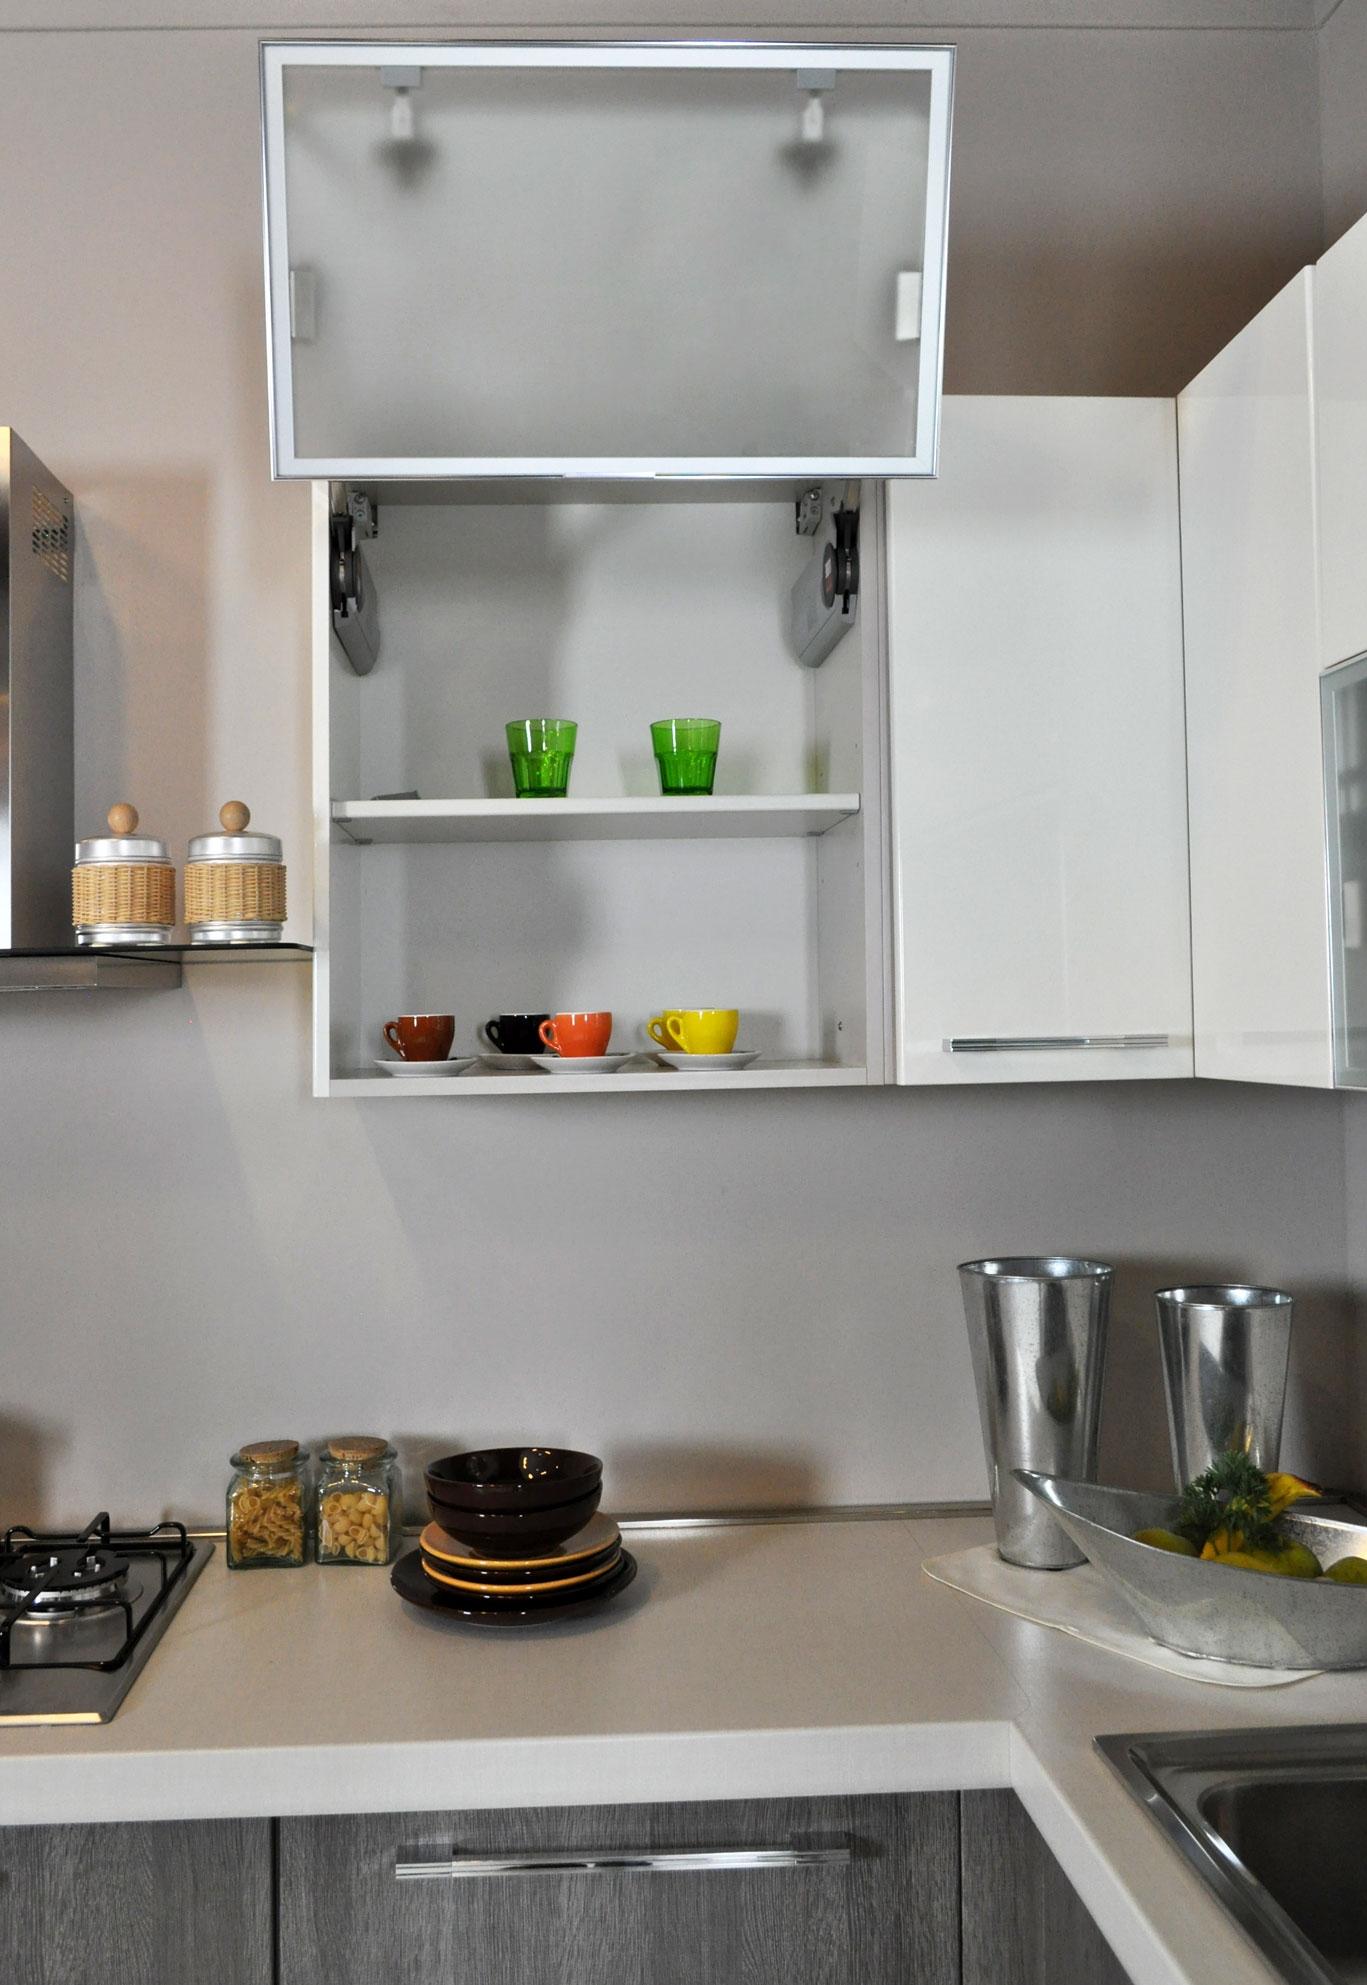 Cucina Lube Noemi : Cucina lube noemi angolare completa di elettrodomestici in